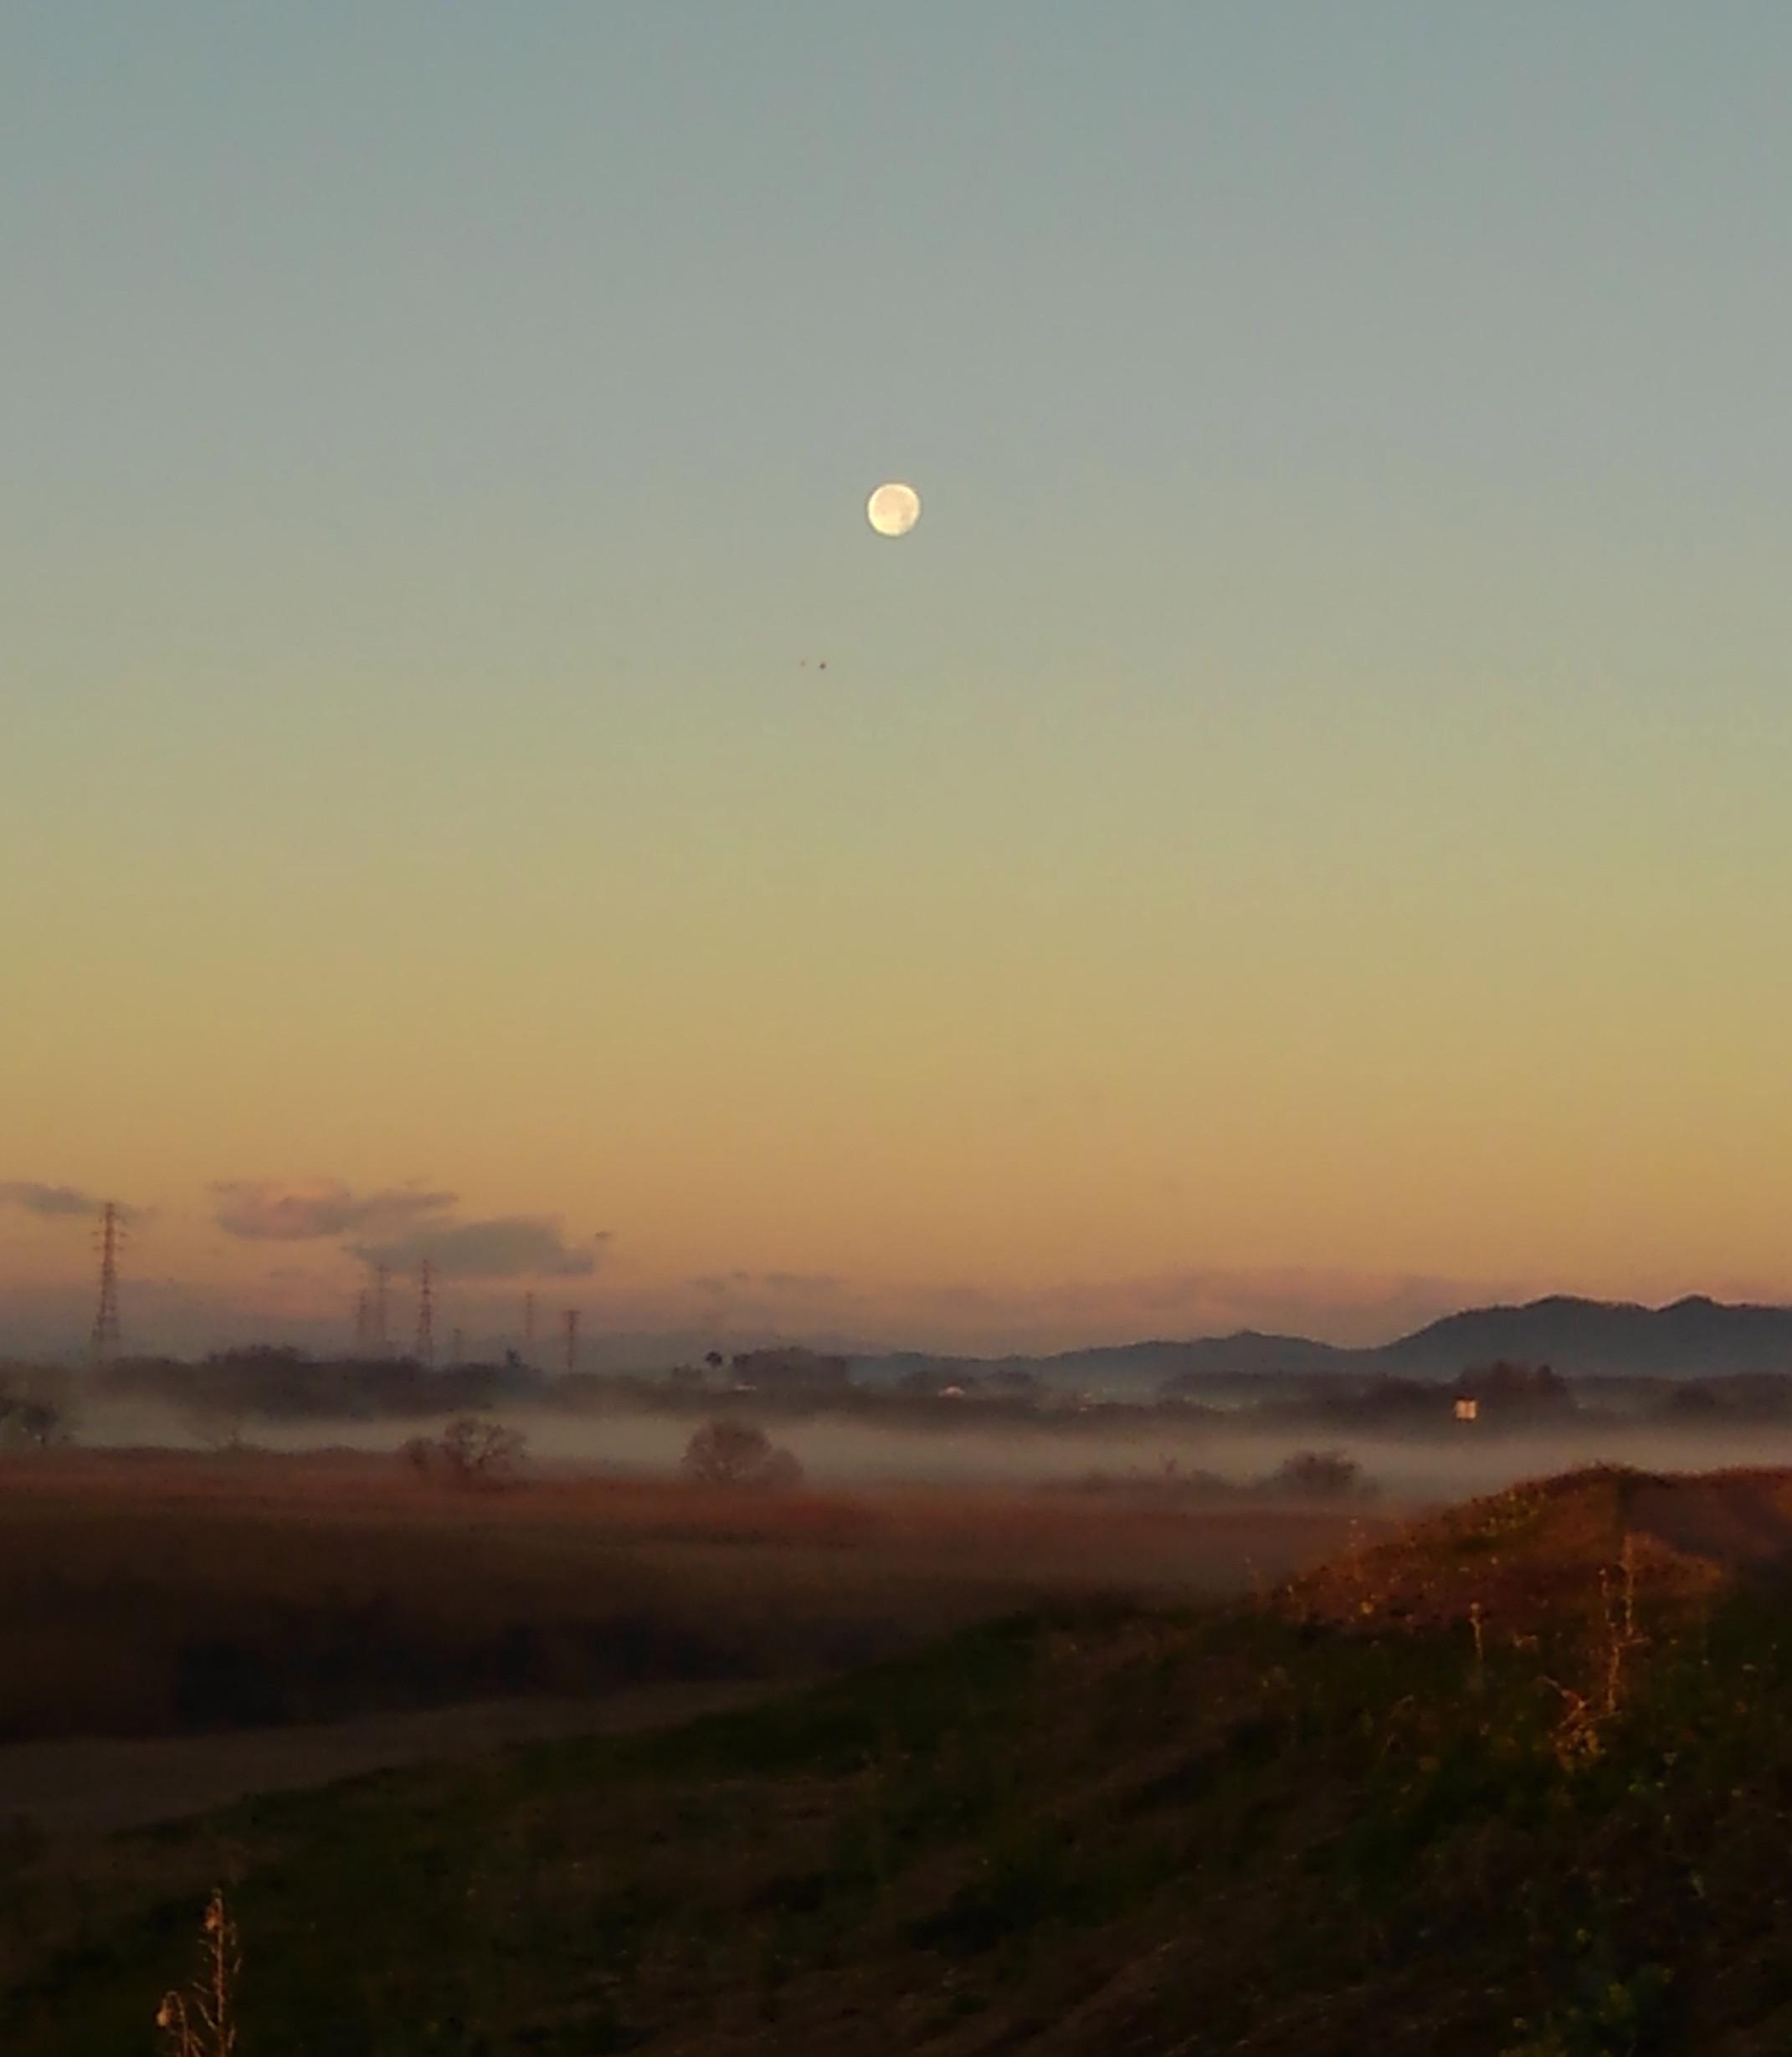 ツルシギ・ハマシギの飛翔を撮る_f0239515_16204070.jpg